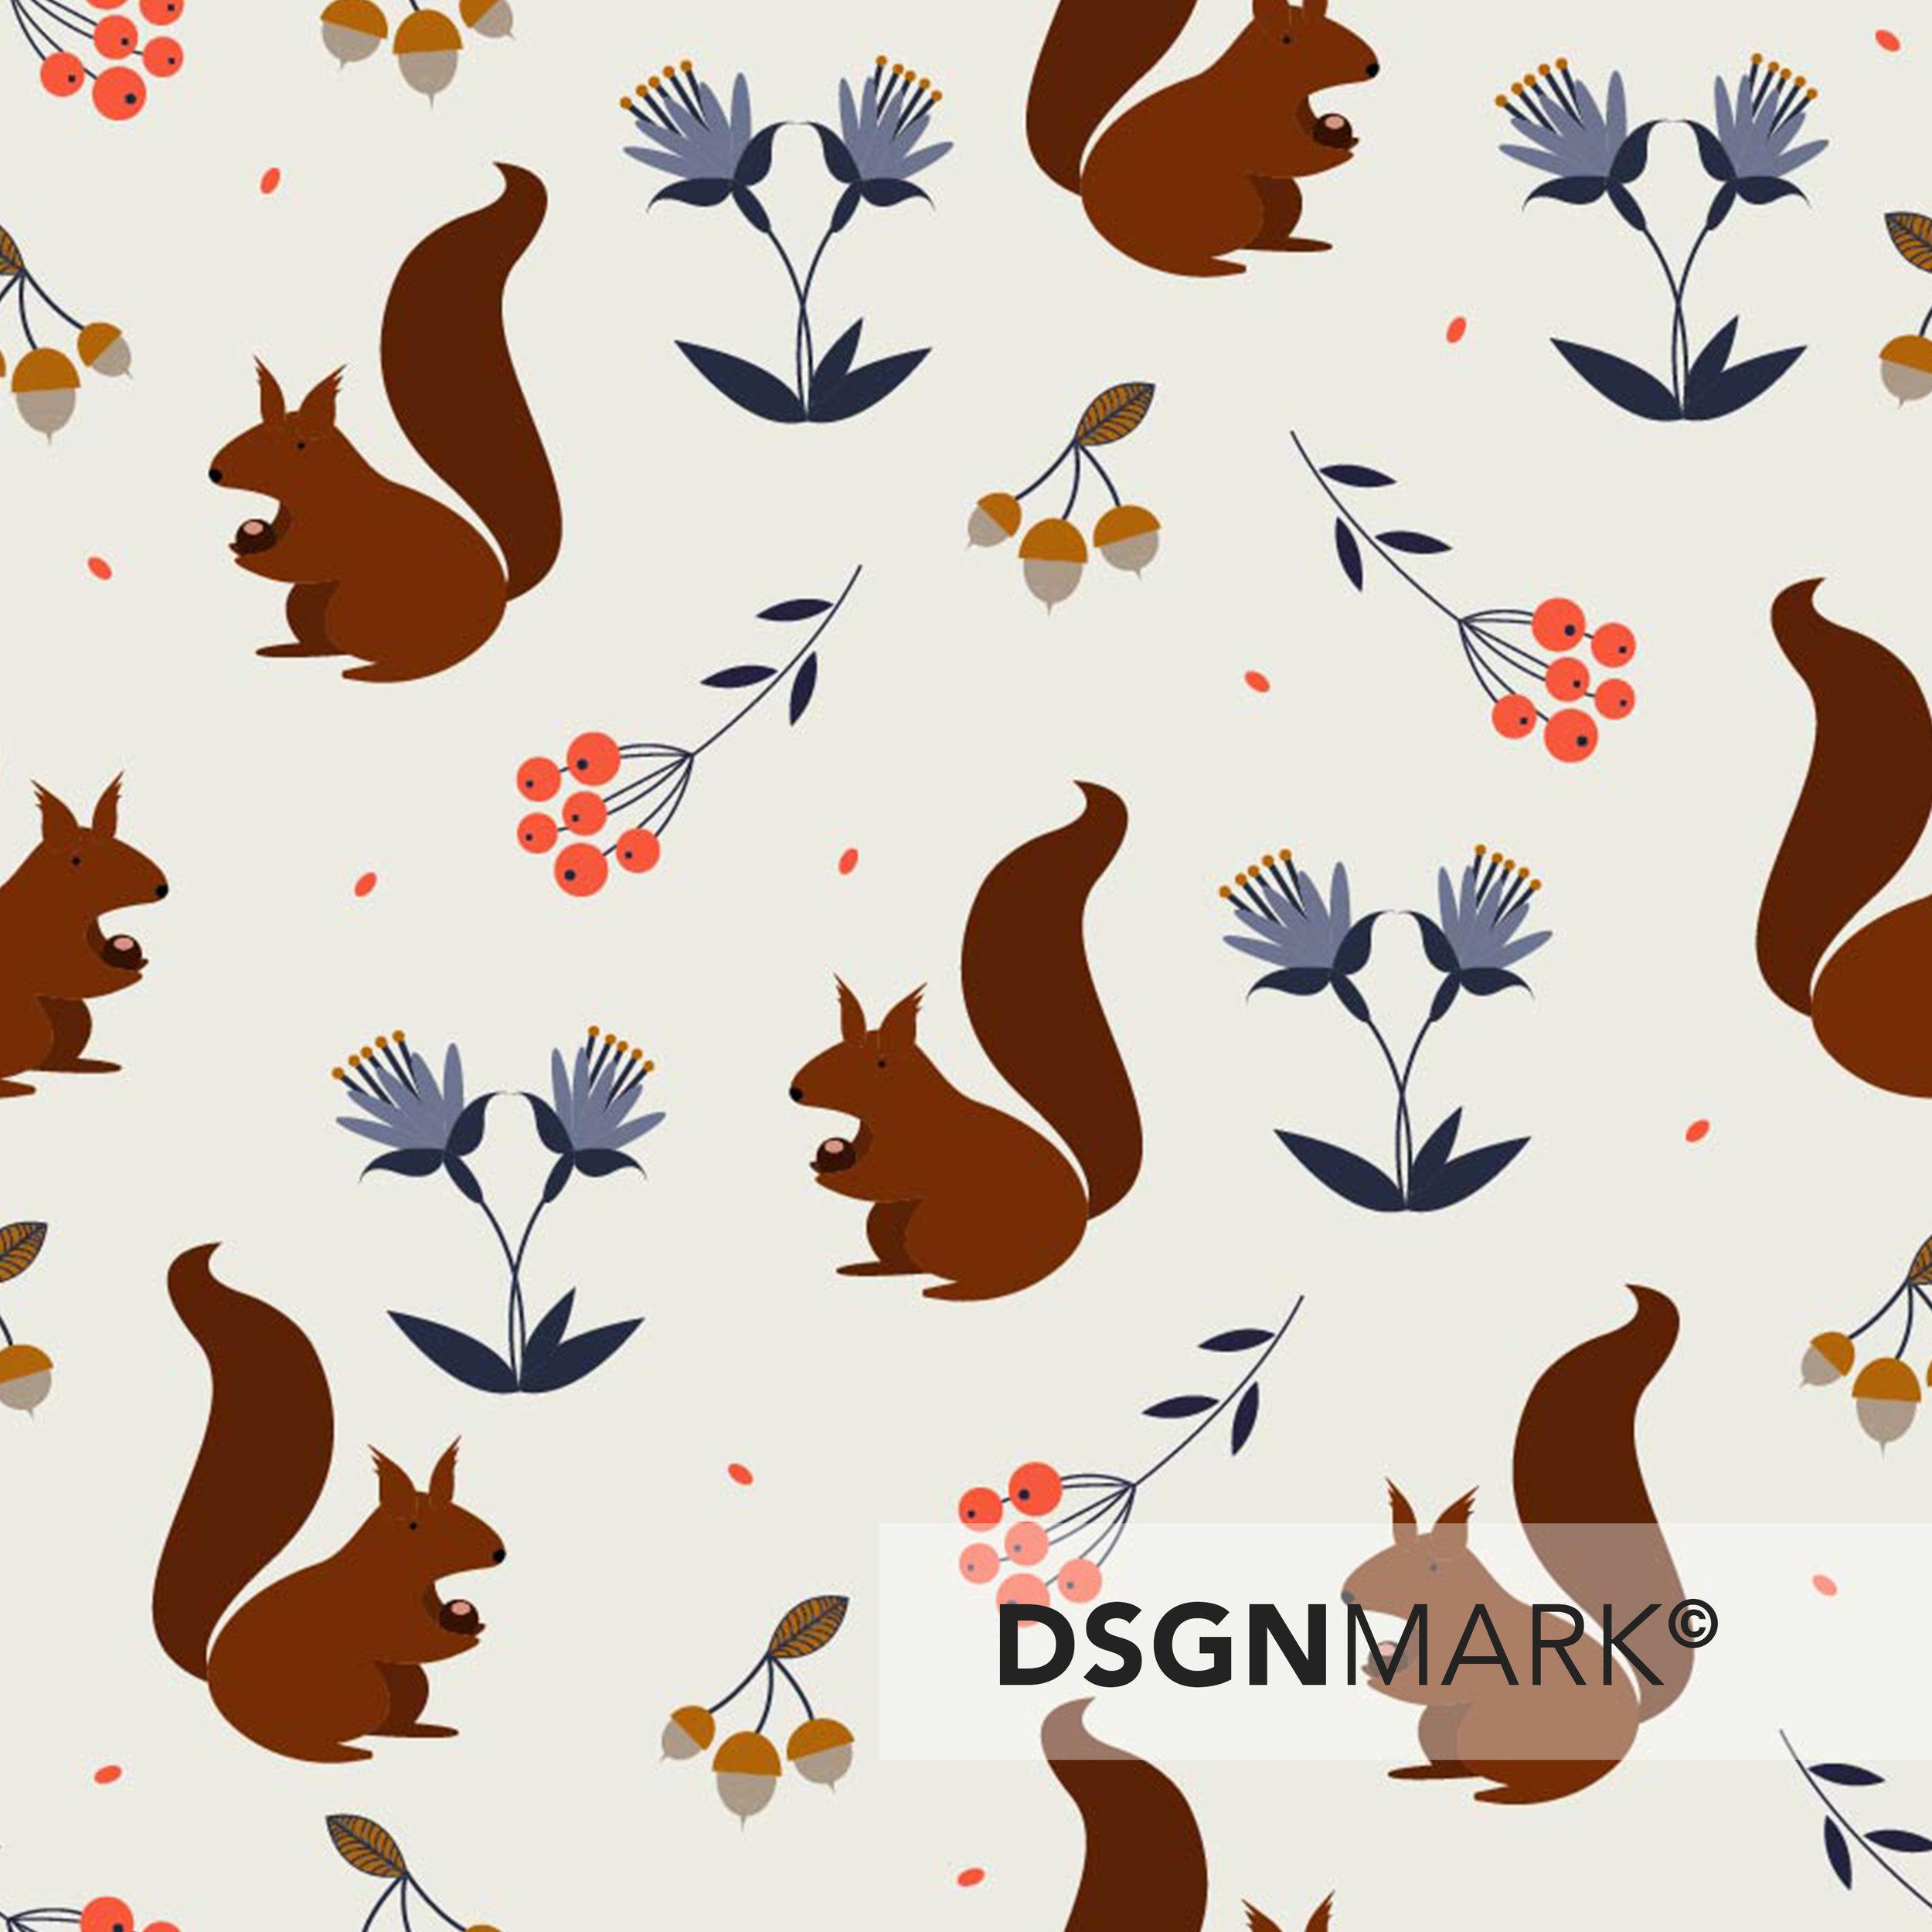 Animals_Squirrels.jpg